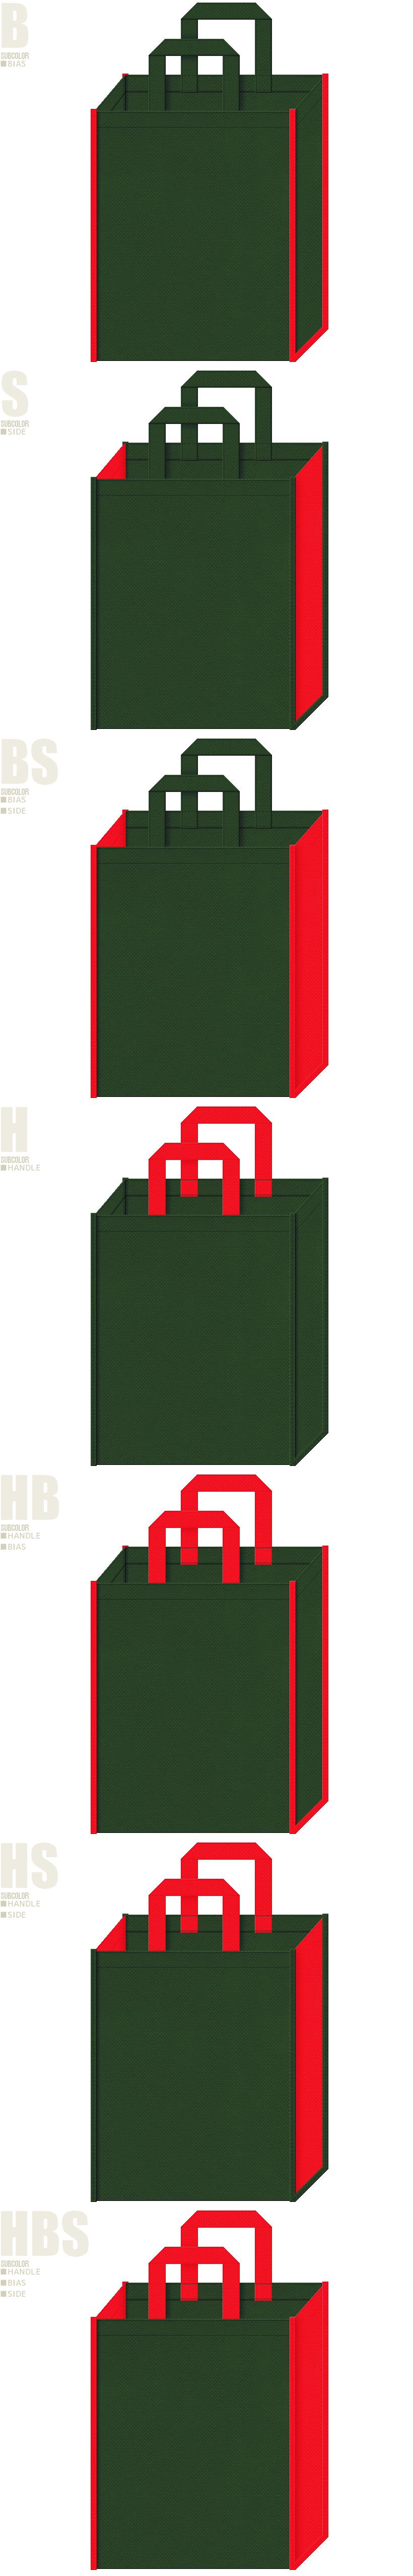 クリスマス・バーナー・コンロ・登山・キャンプ・アウトドア用品の展示会用バッグにお奨めの不織布バッグデザイン:濃緑色と赤色の配色7パターン